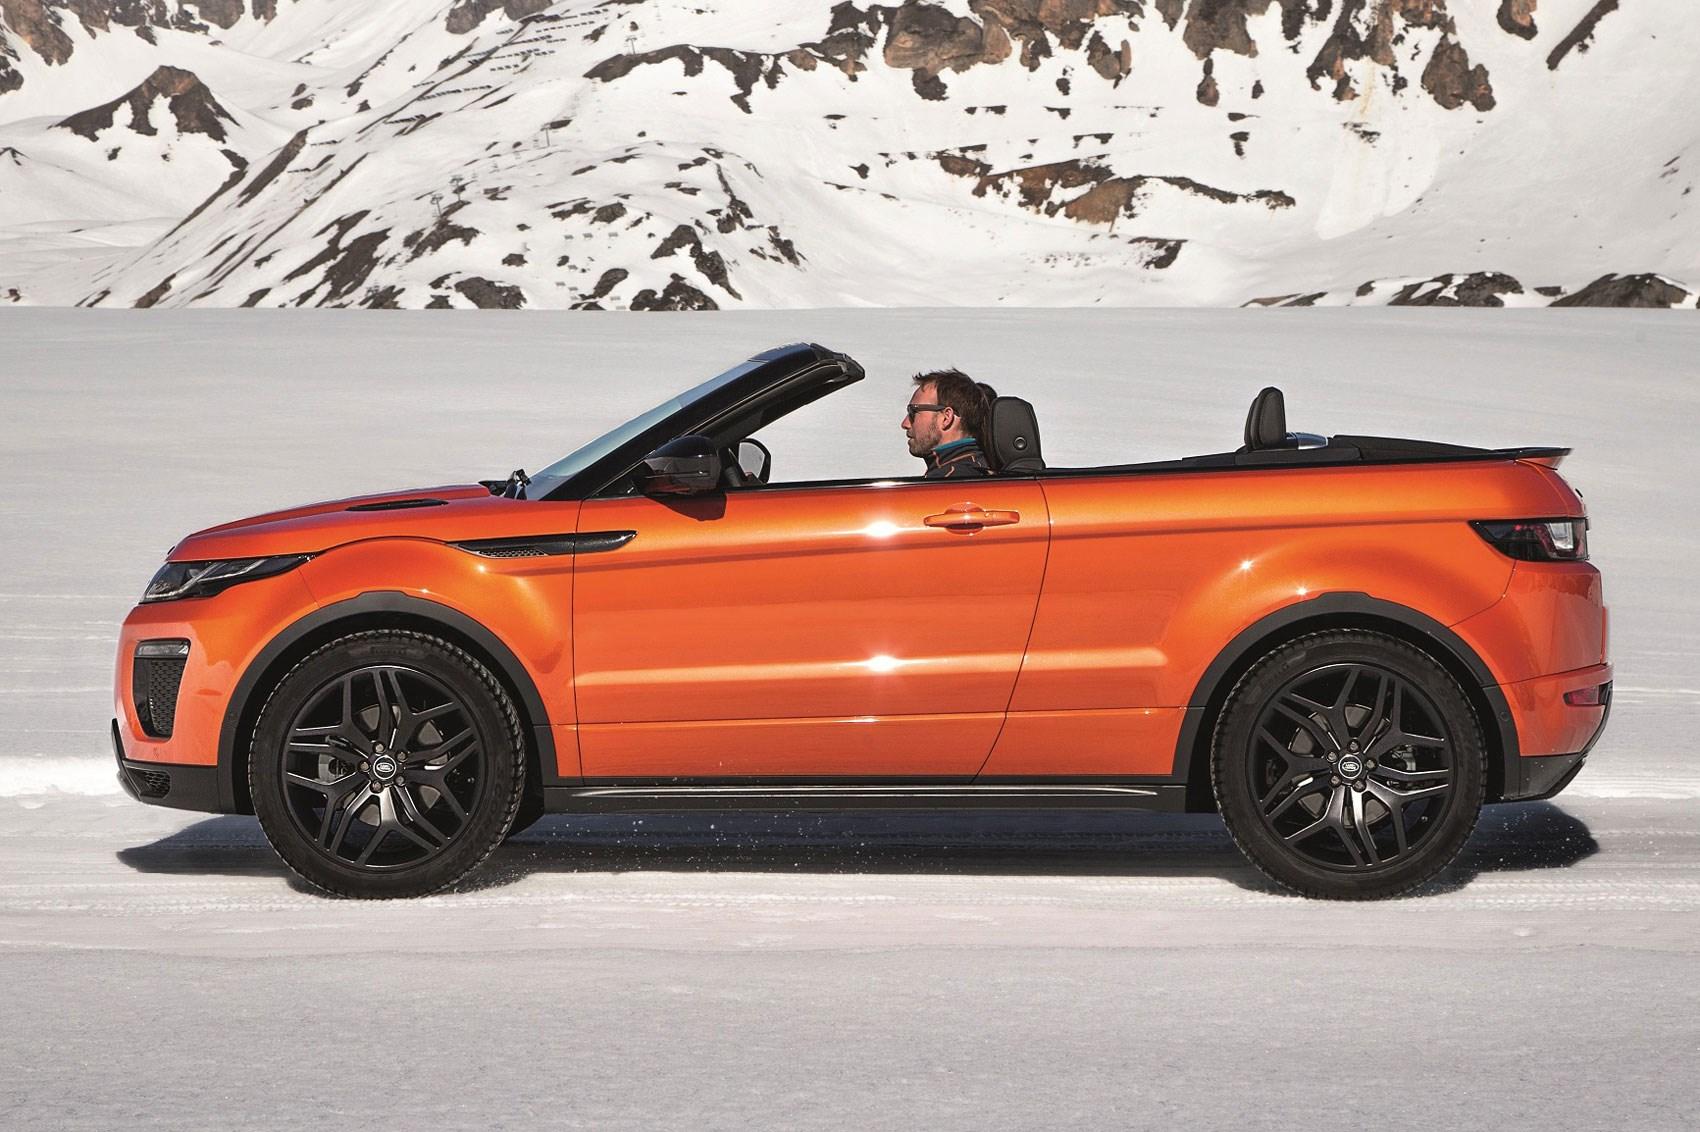 ВУкраине поступил в продажу Range Rover Evoque вкузове кабриолет class=